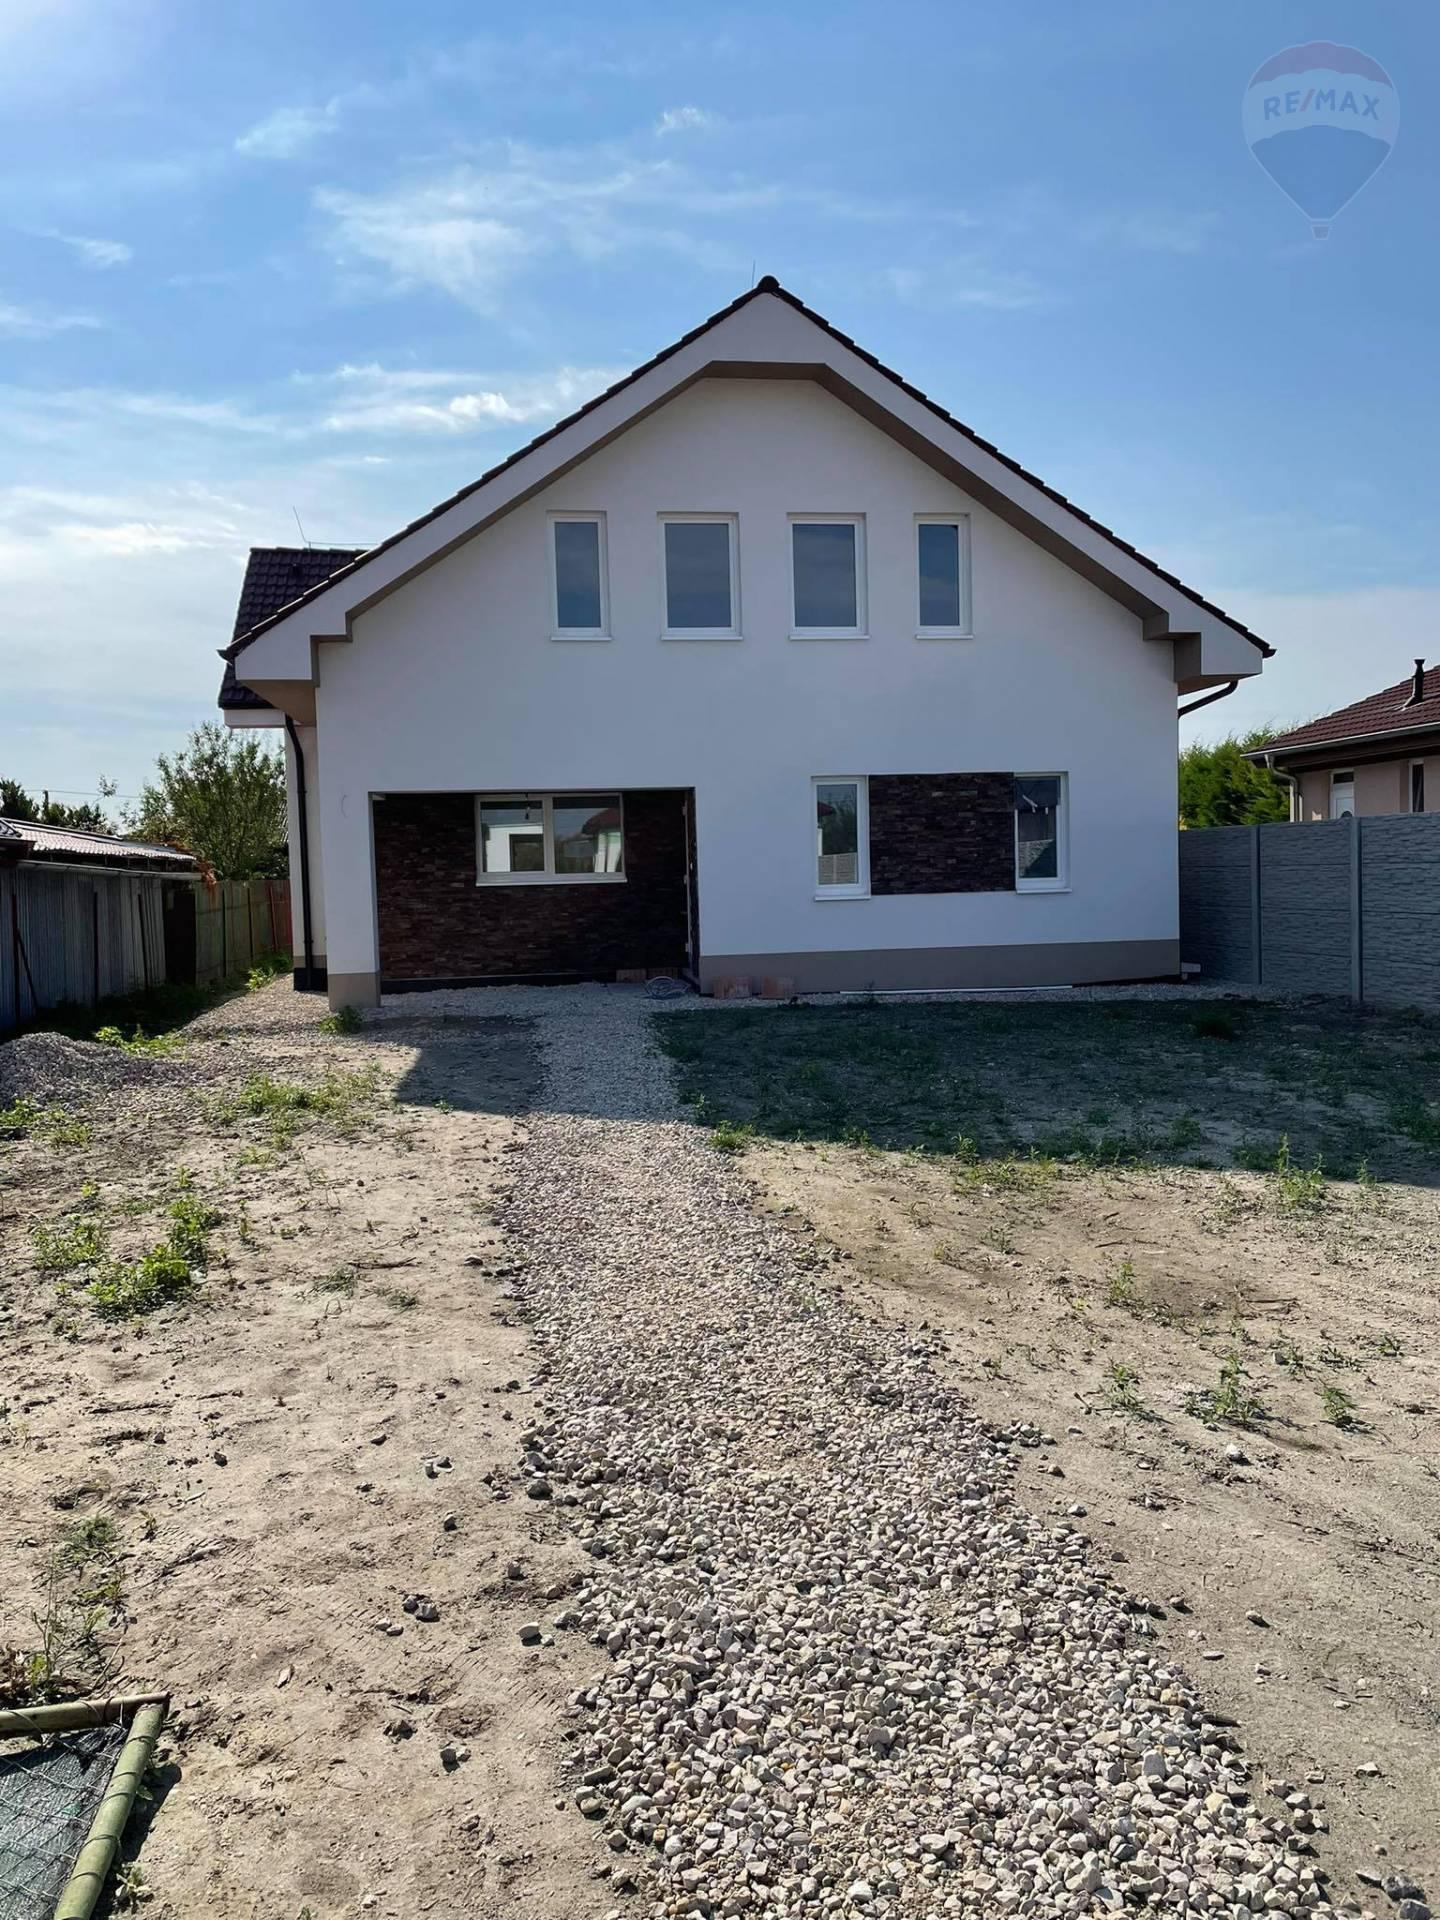 Predaj: 4 izbový rodinný dom -novostavba, priestranné miestnosti, garáž, 896m2 pozemok, Gabčíkovo